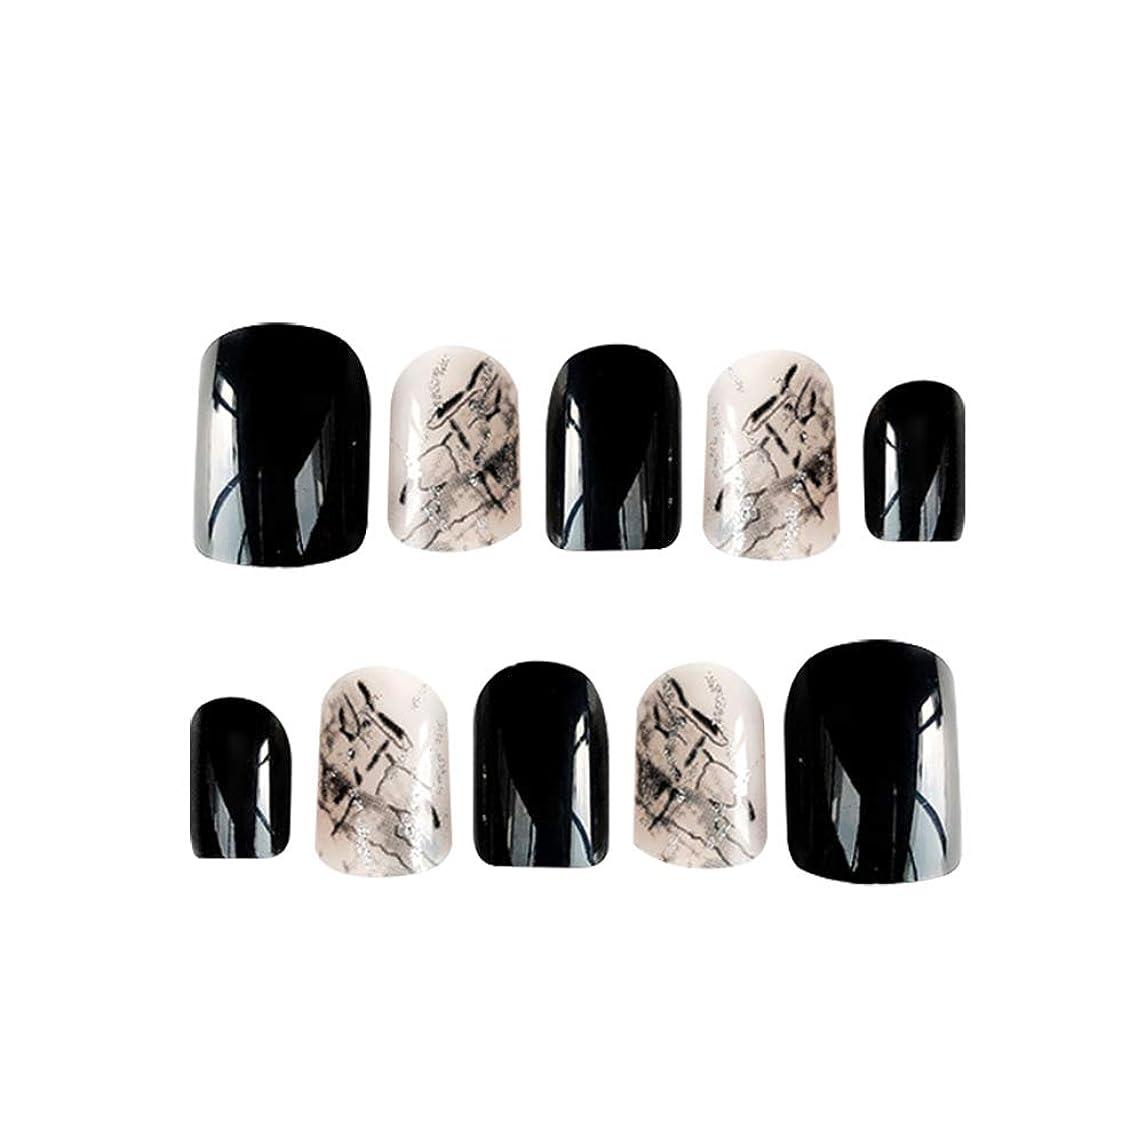 対人米国説得Poonikuu手作りネイルチップ ネイルアート レンダリング偽のネイル 手爪 両面接着テープ付き 女性レディースネイル好きの女性 高級感優雅綺麗おしゃれ 1セット24枚 接着剤付き ブラック